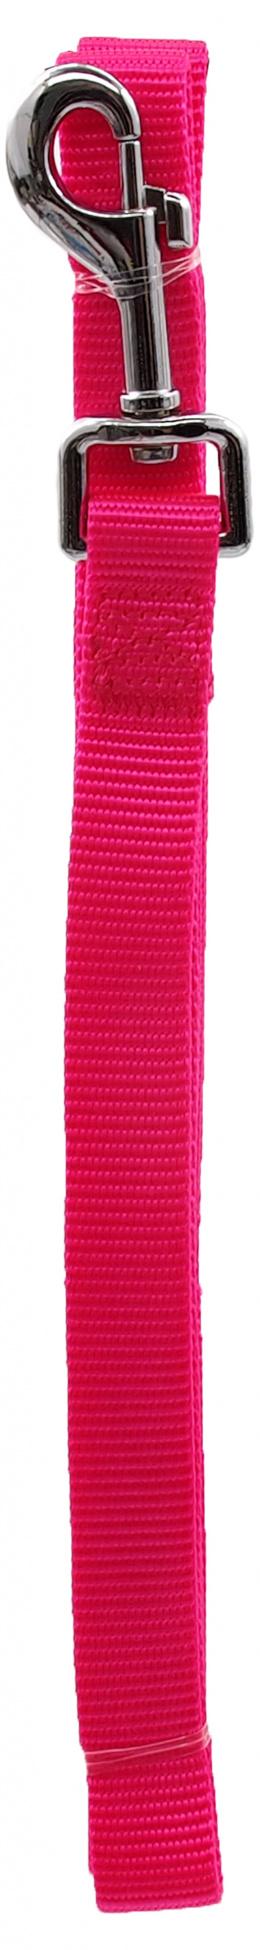 Pavada – Dog Fantasy Classic Neilona M, 20 mm, 120 cm, krāsa – rozā